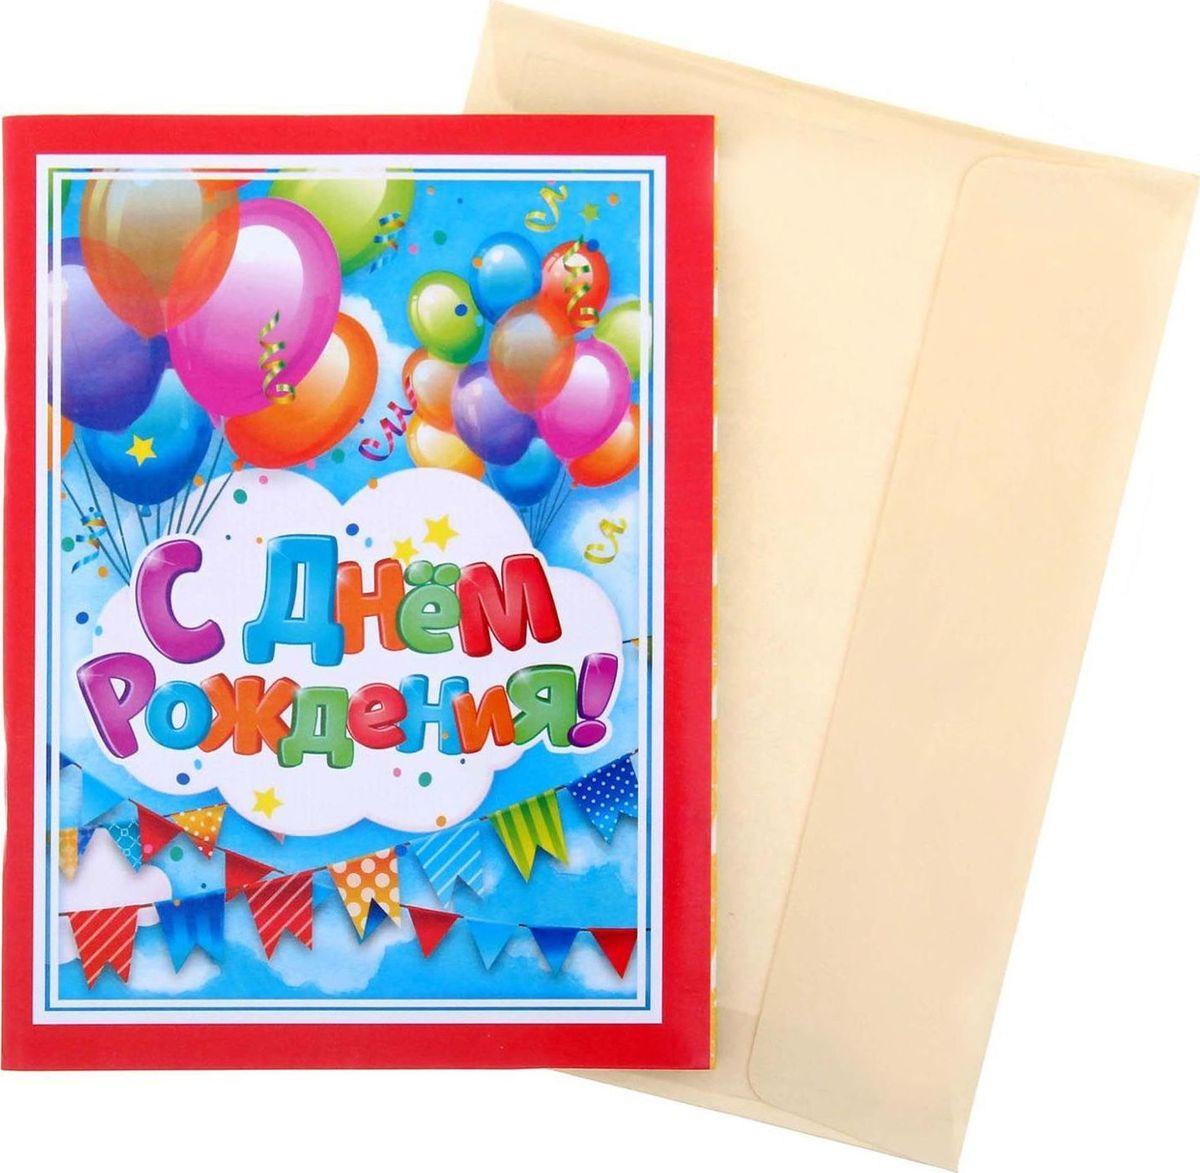 Блокнот-открытка С днем рождения 32 листа72523WDБлокнот-открытка С днем рождения!, сочетает в себе красоту и практичность. Он содержит приятные пожелания от близких людей, а 32 дизайнерских листа с бархатной фактурой подарят отличное настроение владельцу. В отличие от обычной открытки, которая будет пылиться в шкафу, блокнотом приятно пользоваться! Изделие дополнено универсальным конвертом, подпишите его и вручите сувенир адресату на любой праздник.